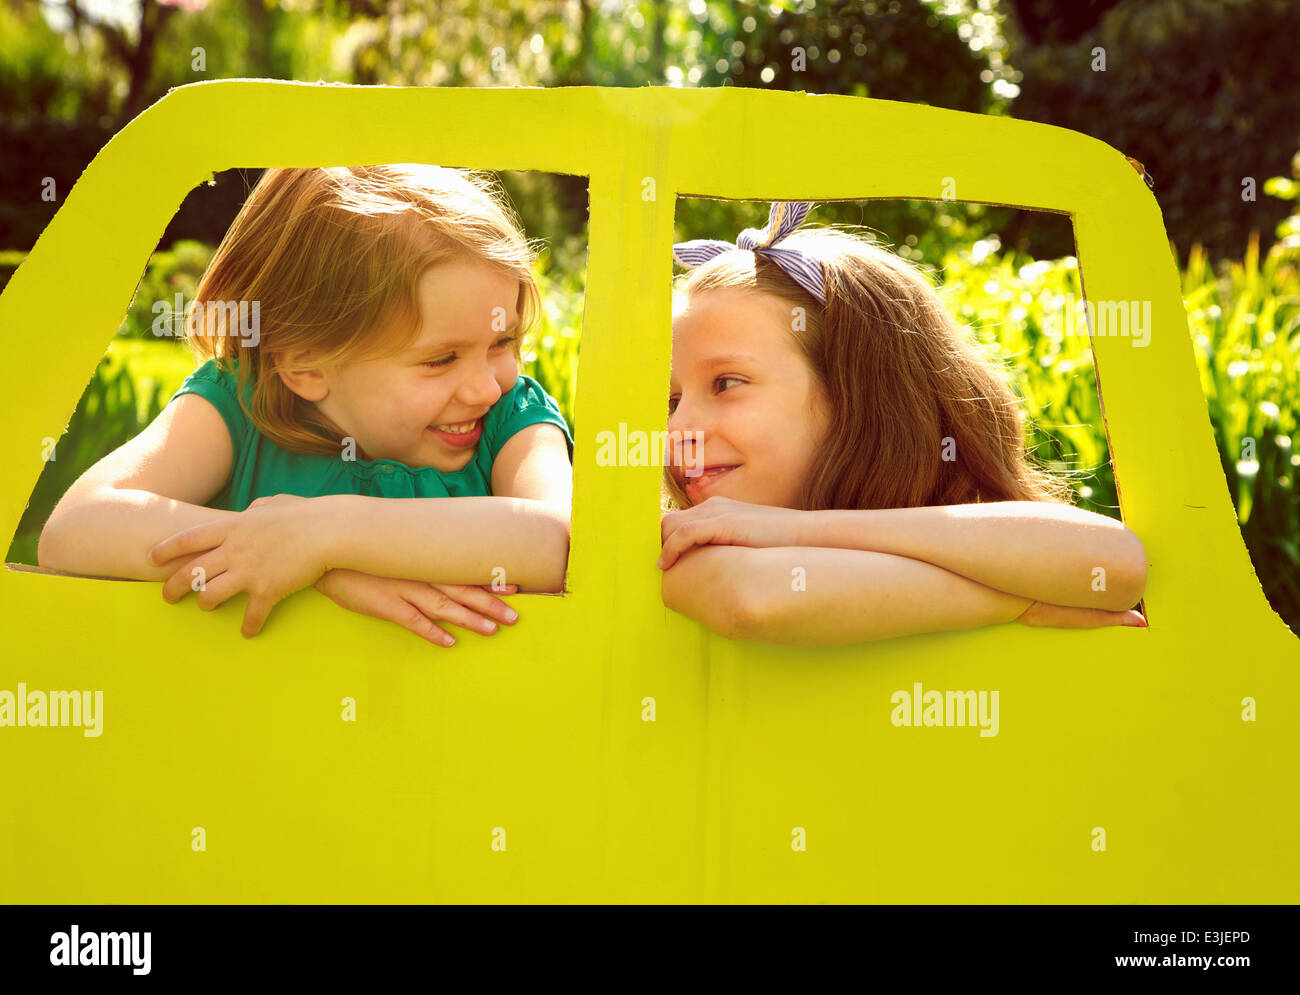 Junge Mädchen aus Pappe Autofenster gelehnt Stockbild